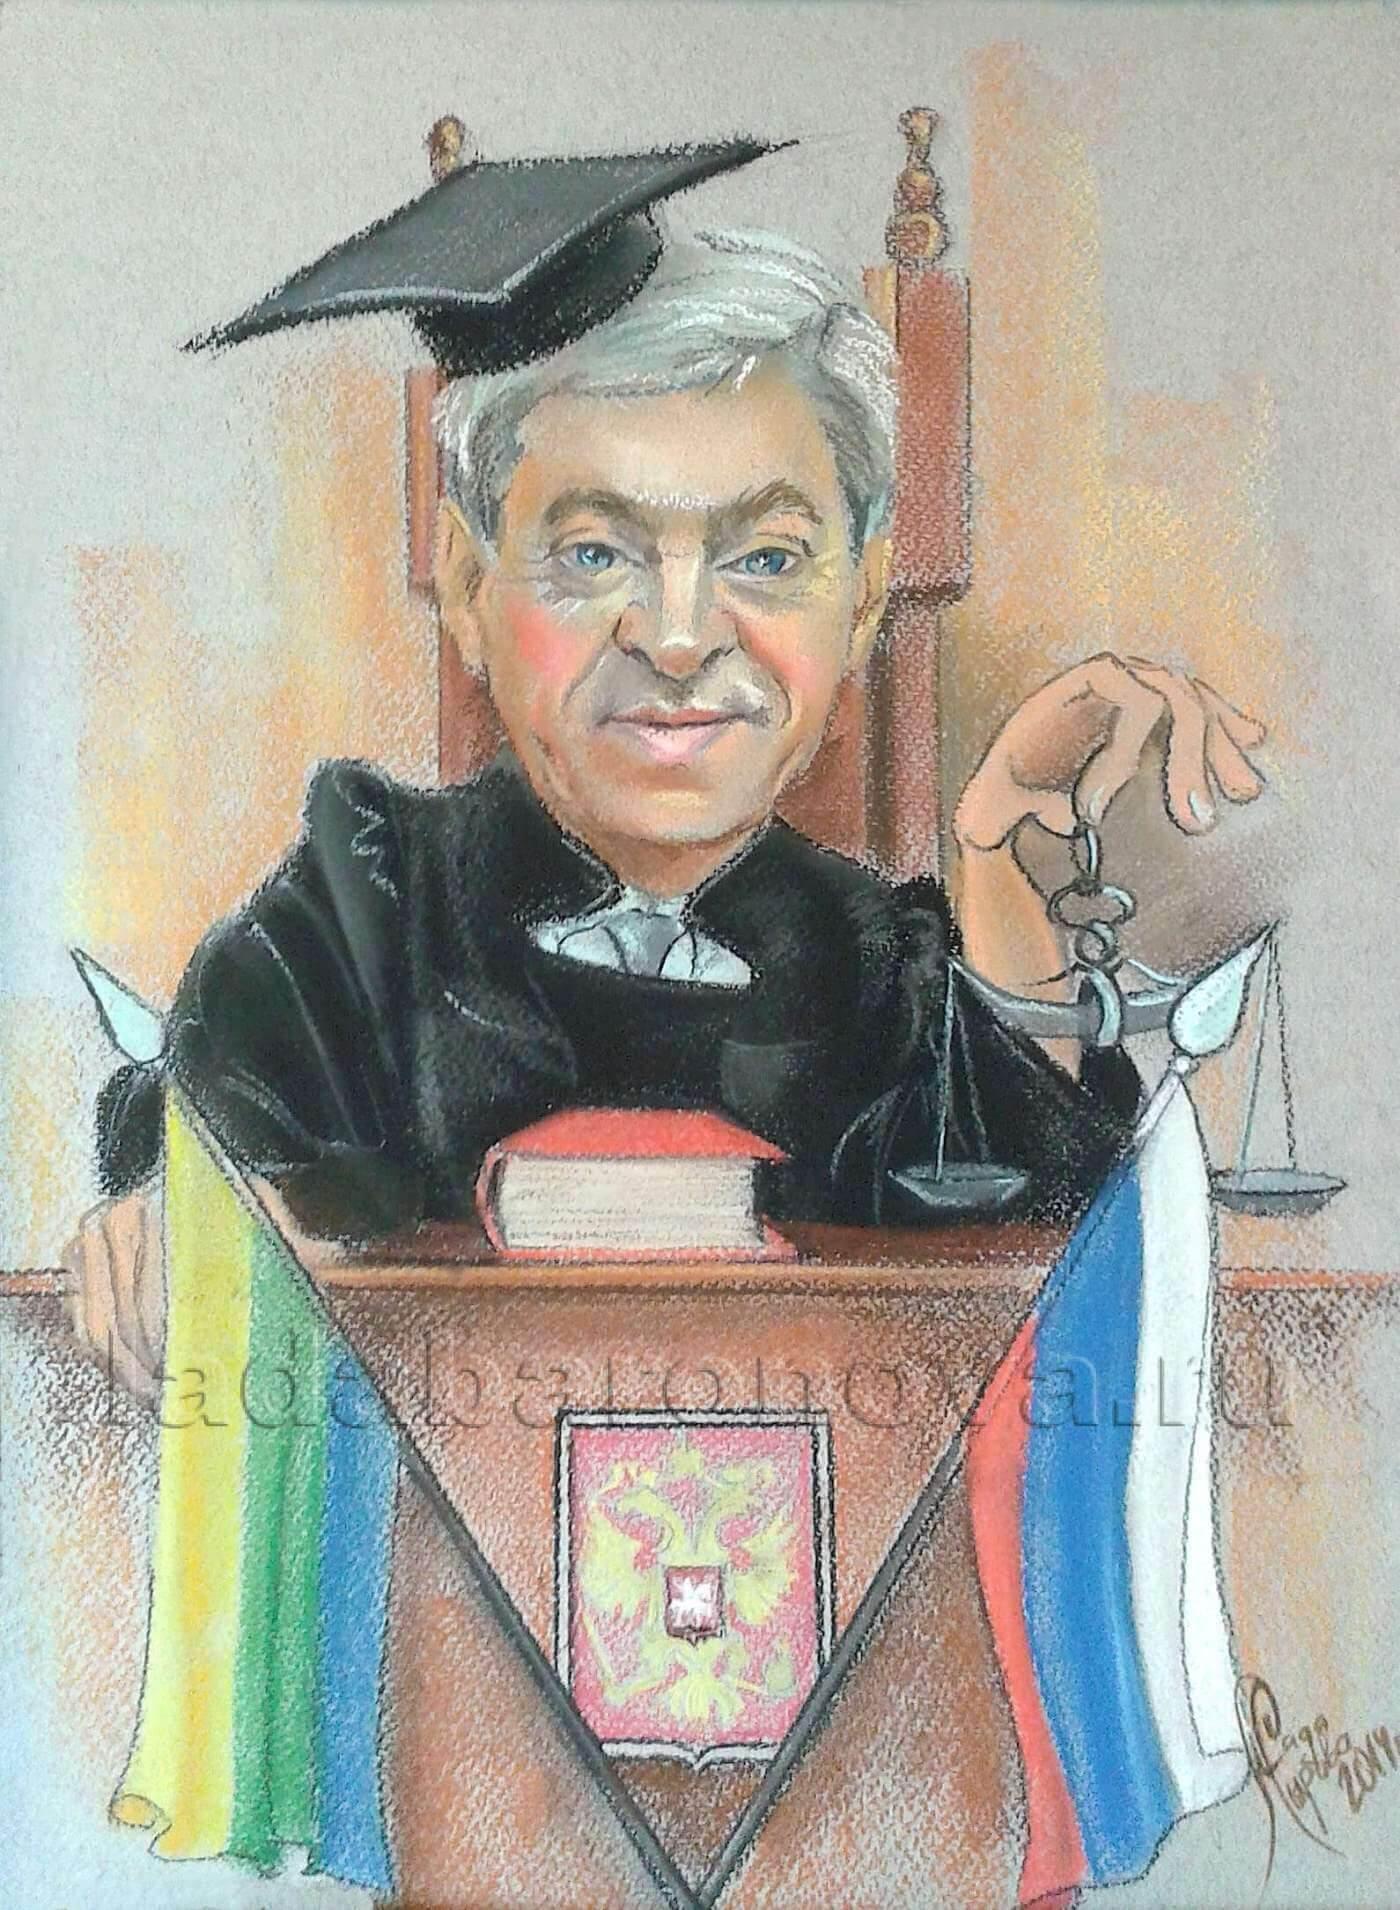 Шарж на мужчину «Судья»